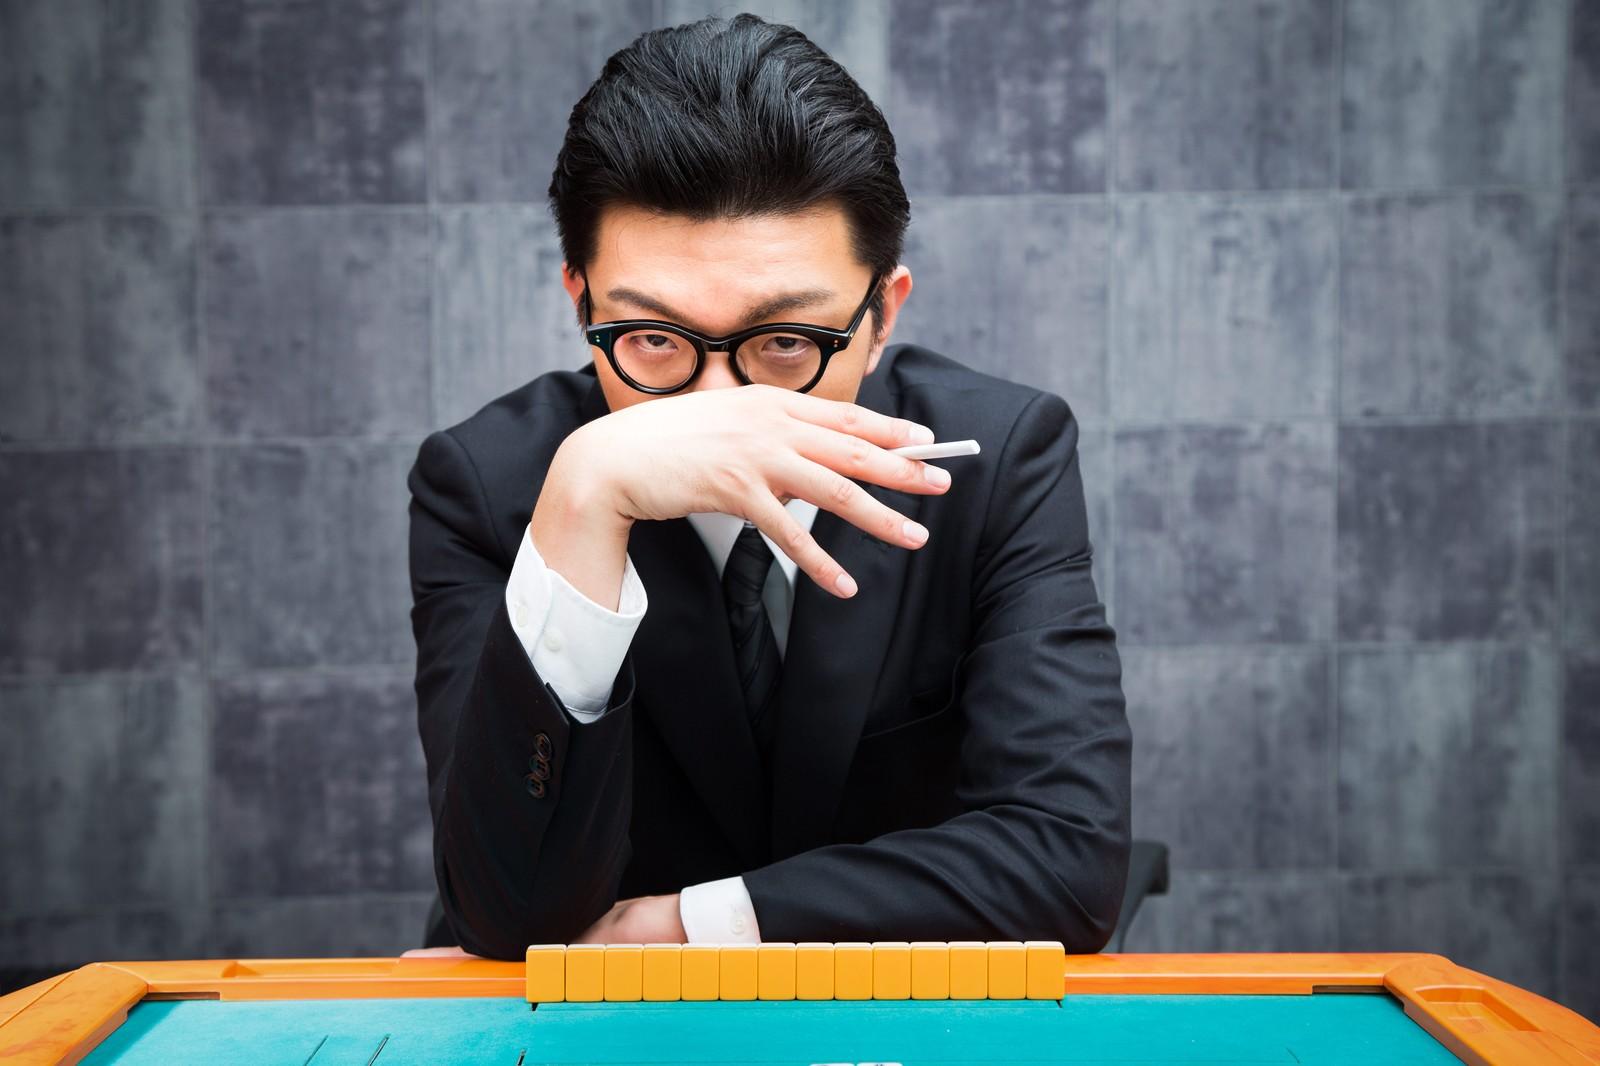 【価格.com】auひかり au one net は本当にお得か徹底検証!